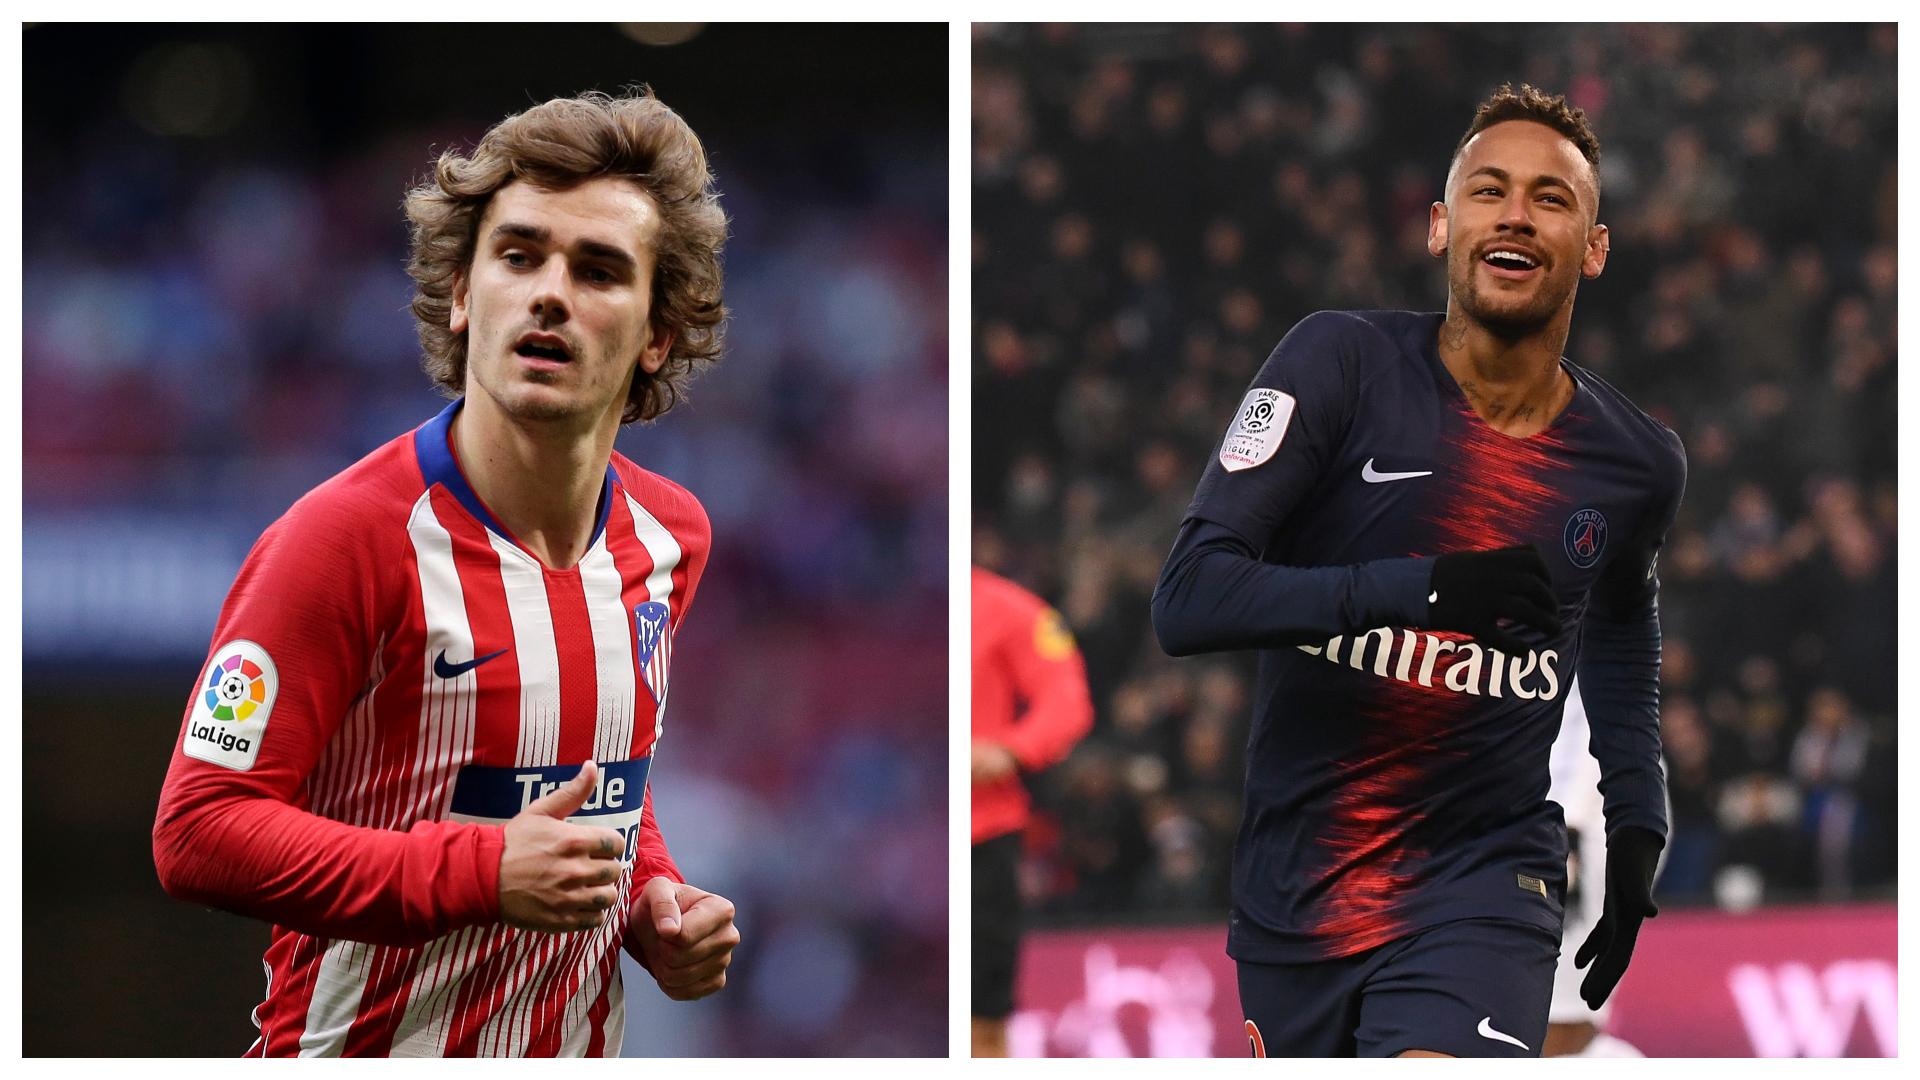 Calciomercato Barcellona, Neymar ha già un accordo con il club